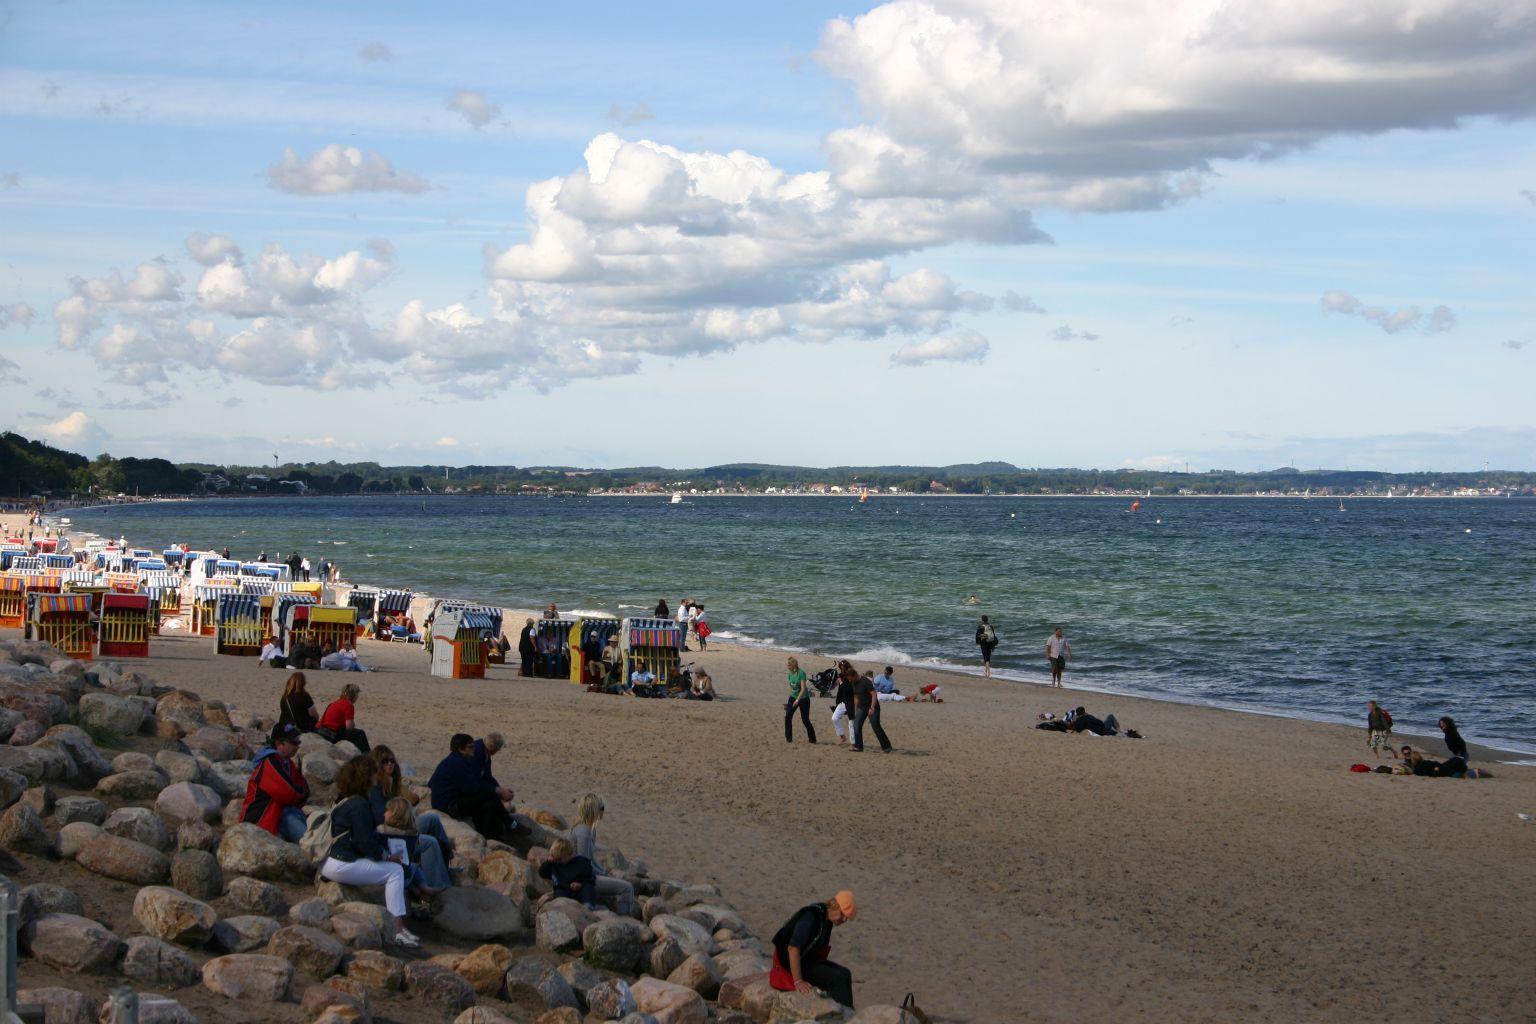 Unsere Fotos und Bilder aus Timmendorfer Strand und Umgebung haben wir in eine Fotogalerie zusammengefasst